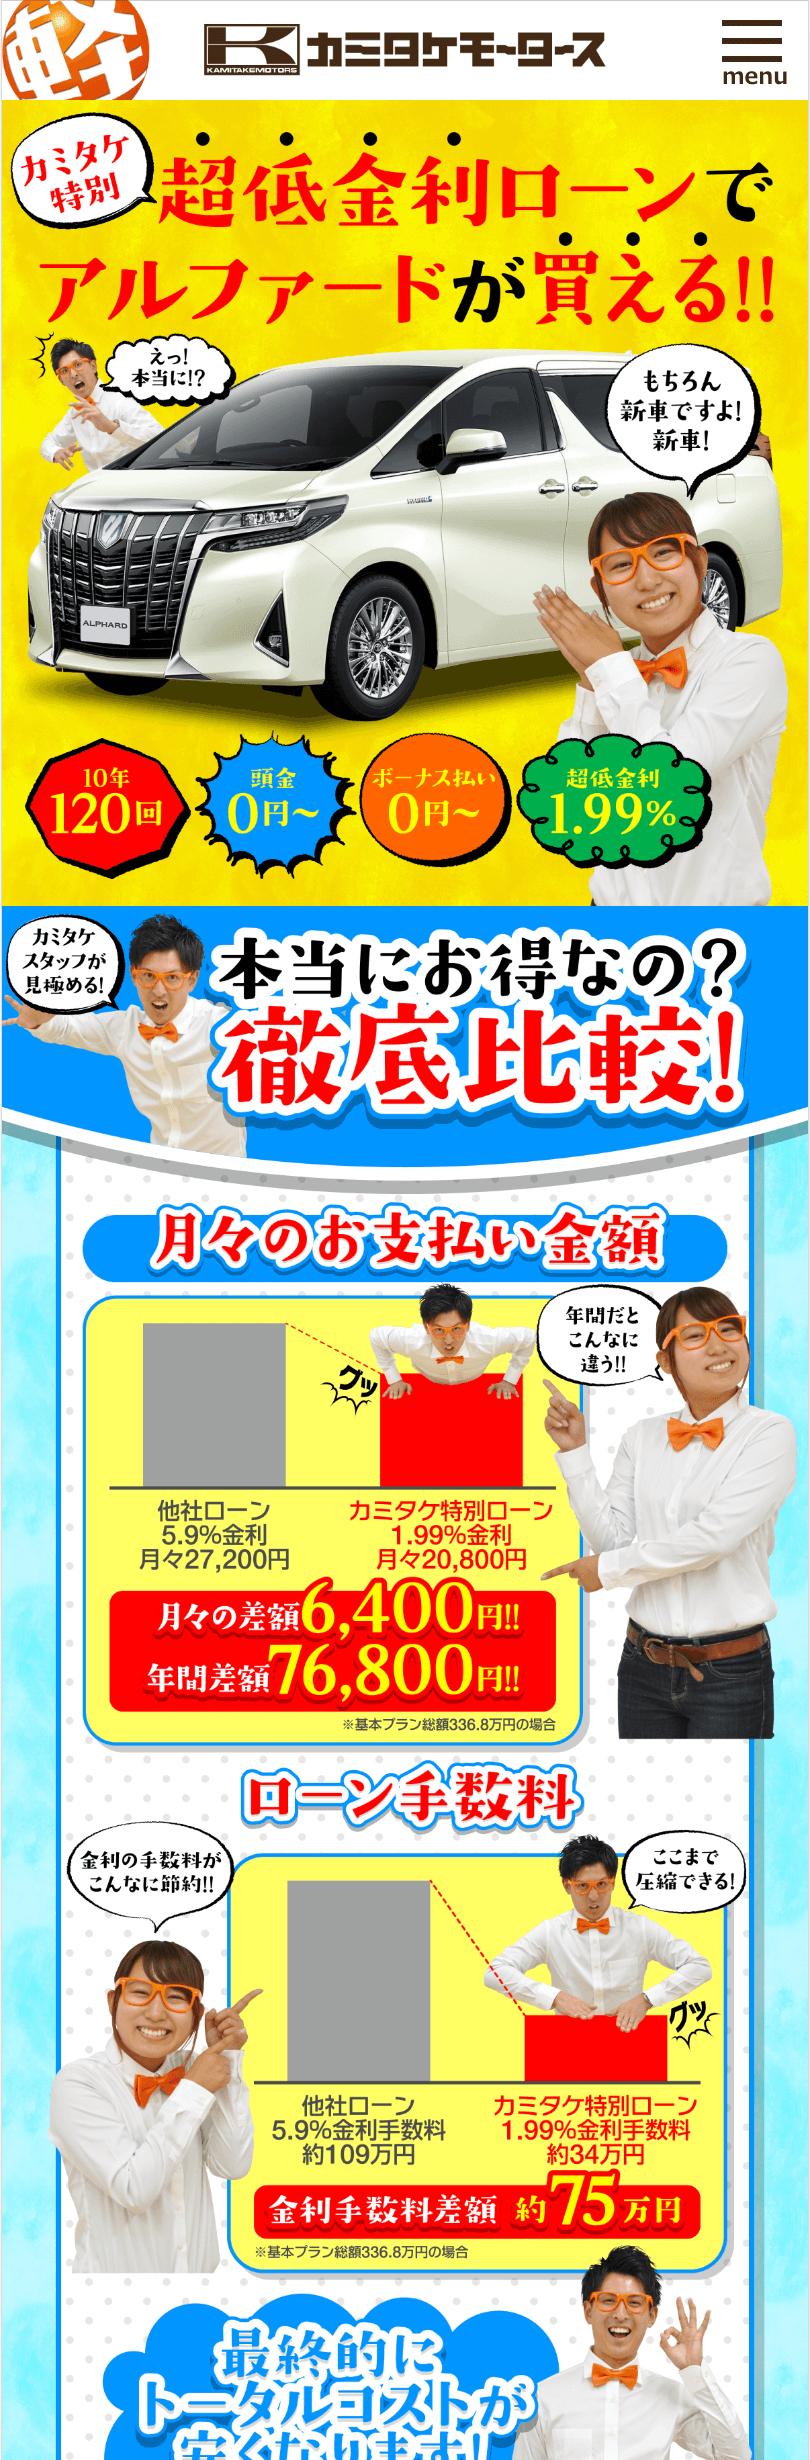 カミタケモータース様 アルファード専用LP